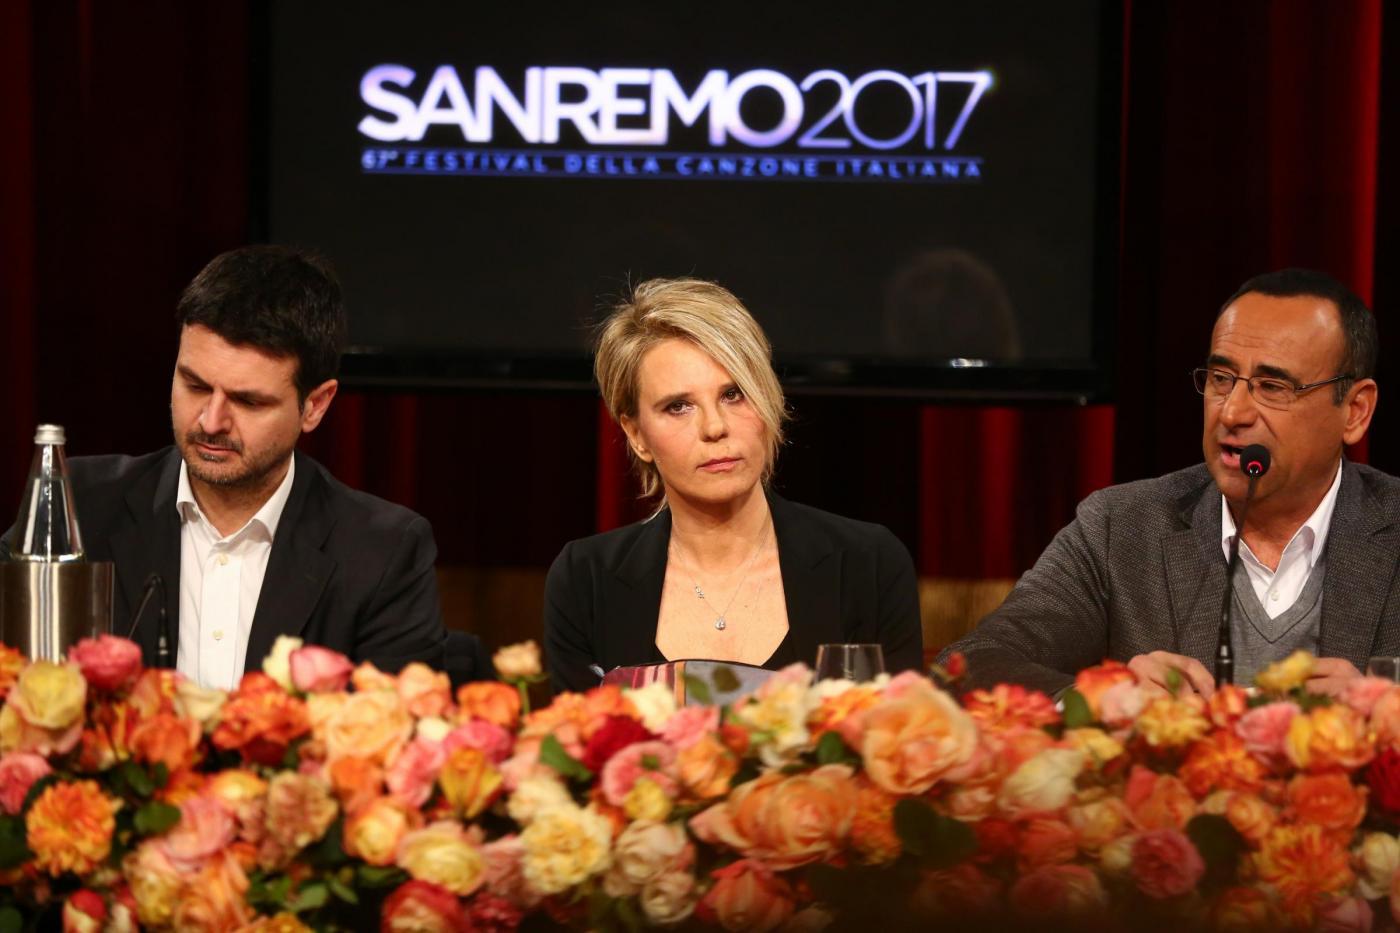 Twitter vende hashtag Sanremo a TIM, è polemica